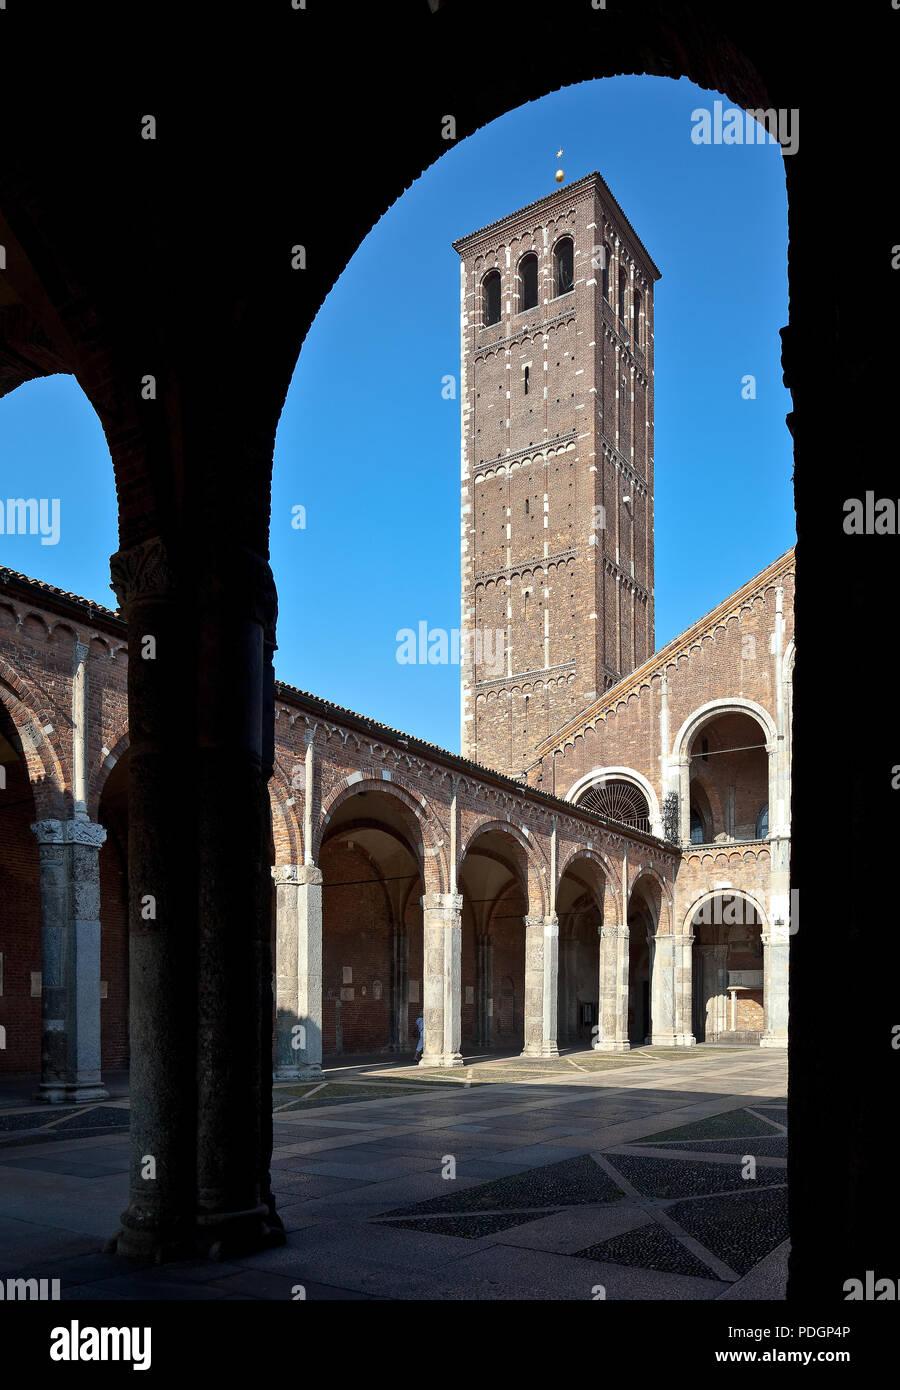 Italien Milano Mailand Kirche San Ambrogio 12 Jh Atrium innen mit Kanonikerturm links - Stock Image